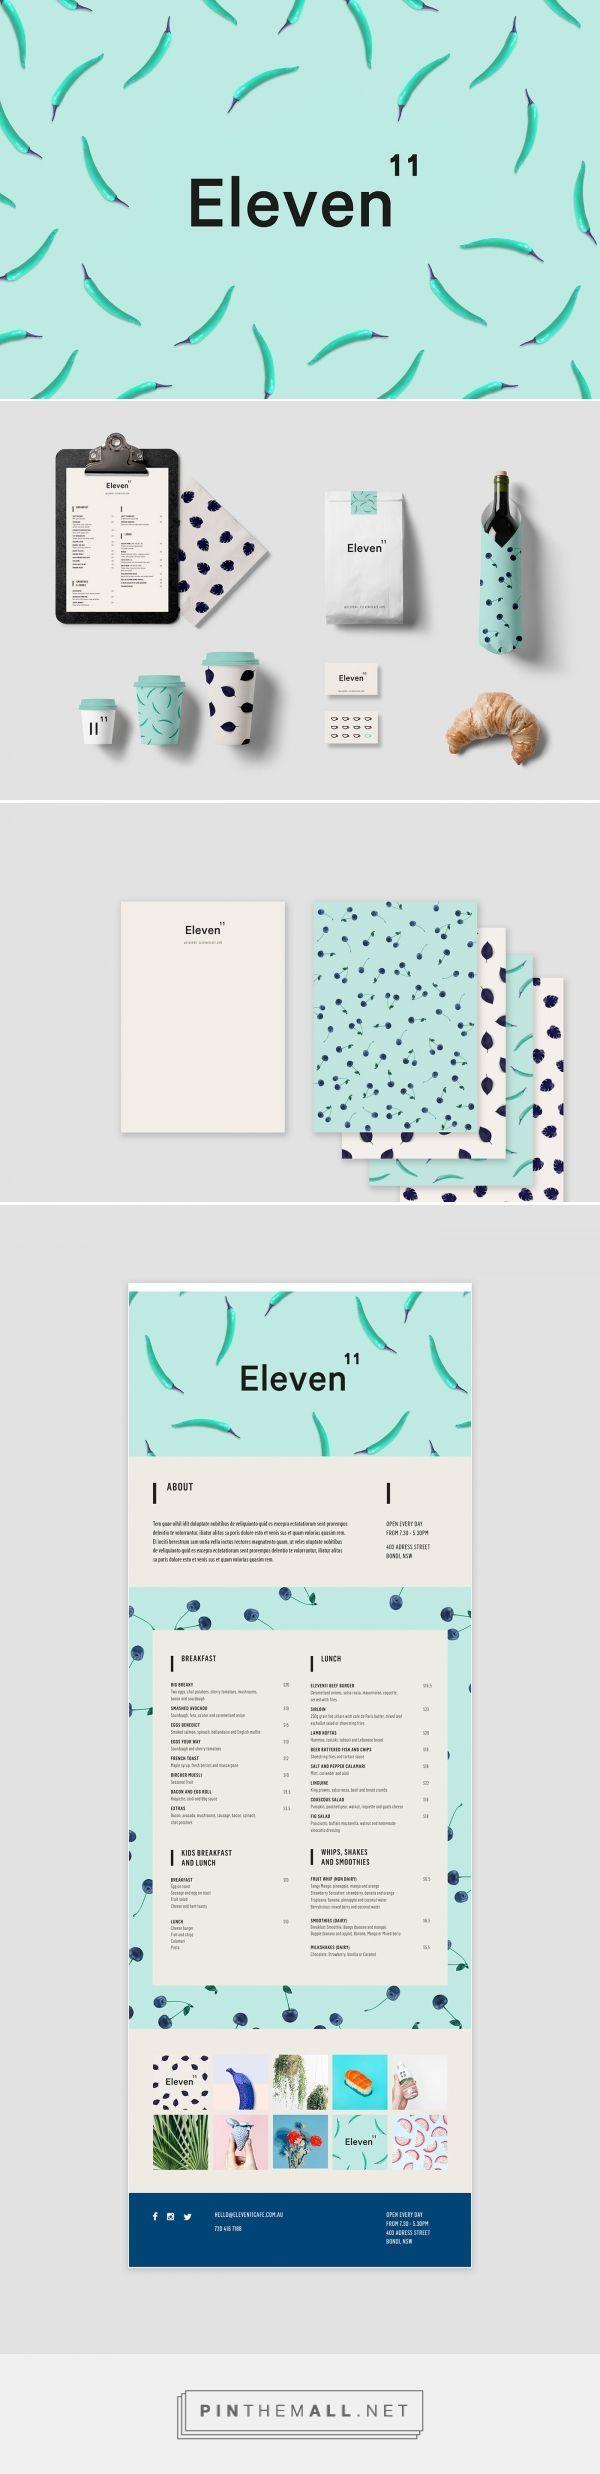 Eleven11 Branding by Soon Co.